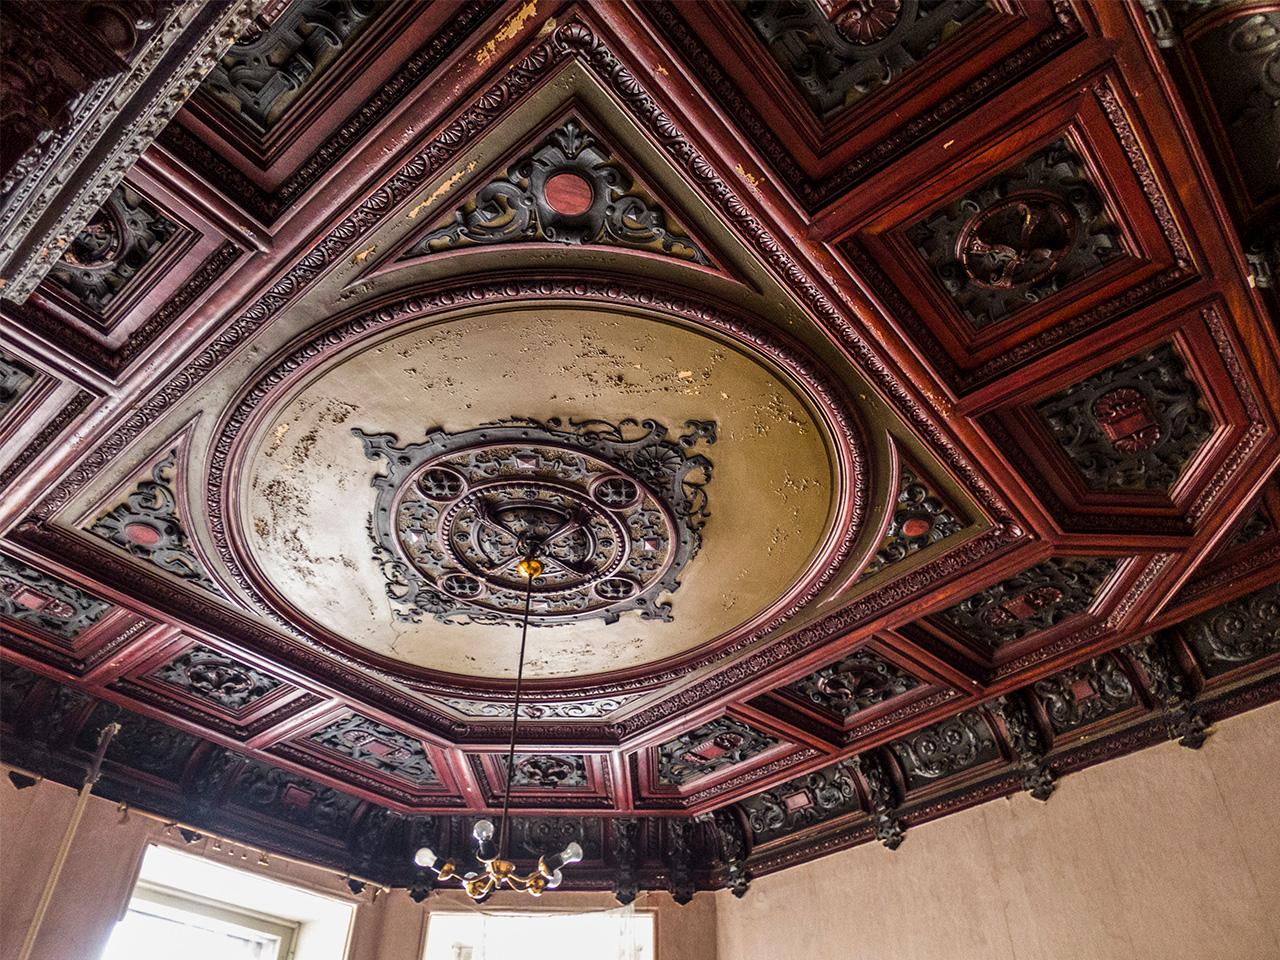 """Максим намира и публикува в Instagram снимки на стари печки, гипсови корнизи, бивши бални зали и зазидани врати. Интериорът на една от най-известните комуналки в Санкт Петербург, разположена на ул. """"Суворов"""" 11, например, е от 1904 година. Според """"Вилидж"""" апартаментът може би в миналото е бил театър, тъй като вътре има предмет с формата на цокъл. Наемателите първоначално предполагат, че красивият таване а направен от дърво, но след няколко години той пада. Оказва се, че материалът е гипс."""